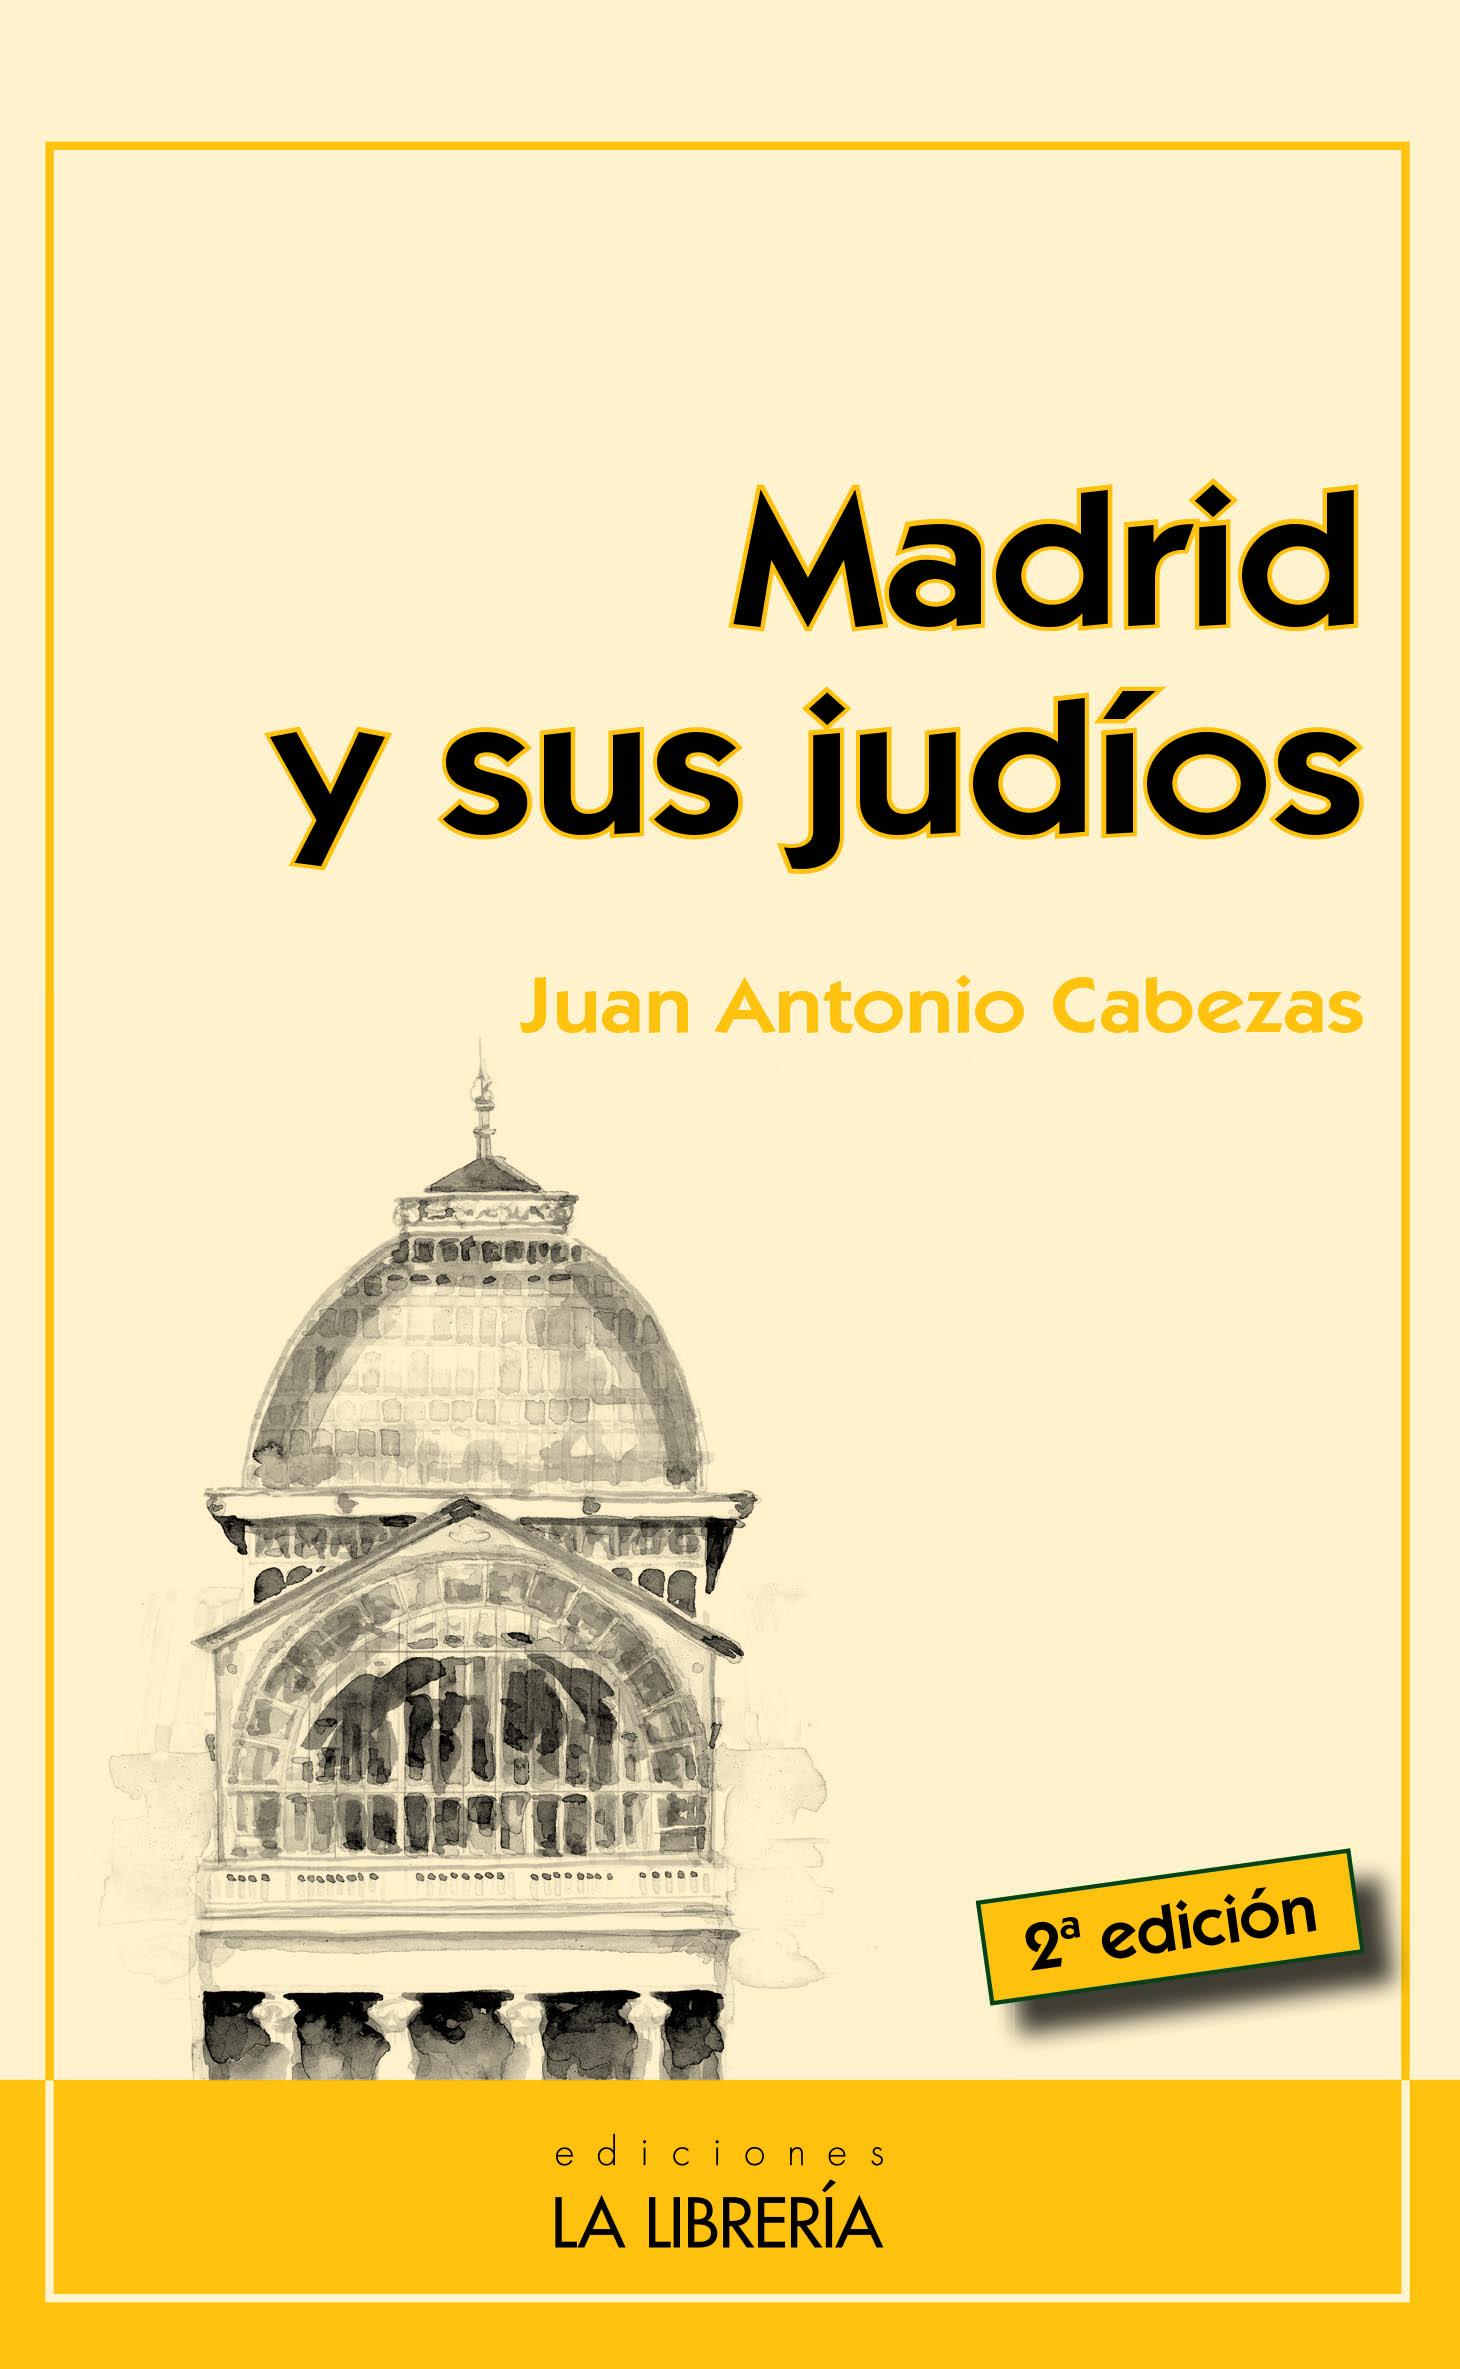 ReCOMENDAMOS: Madrid y sus judíos